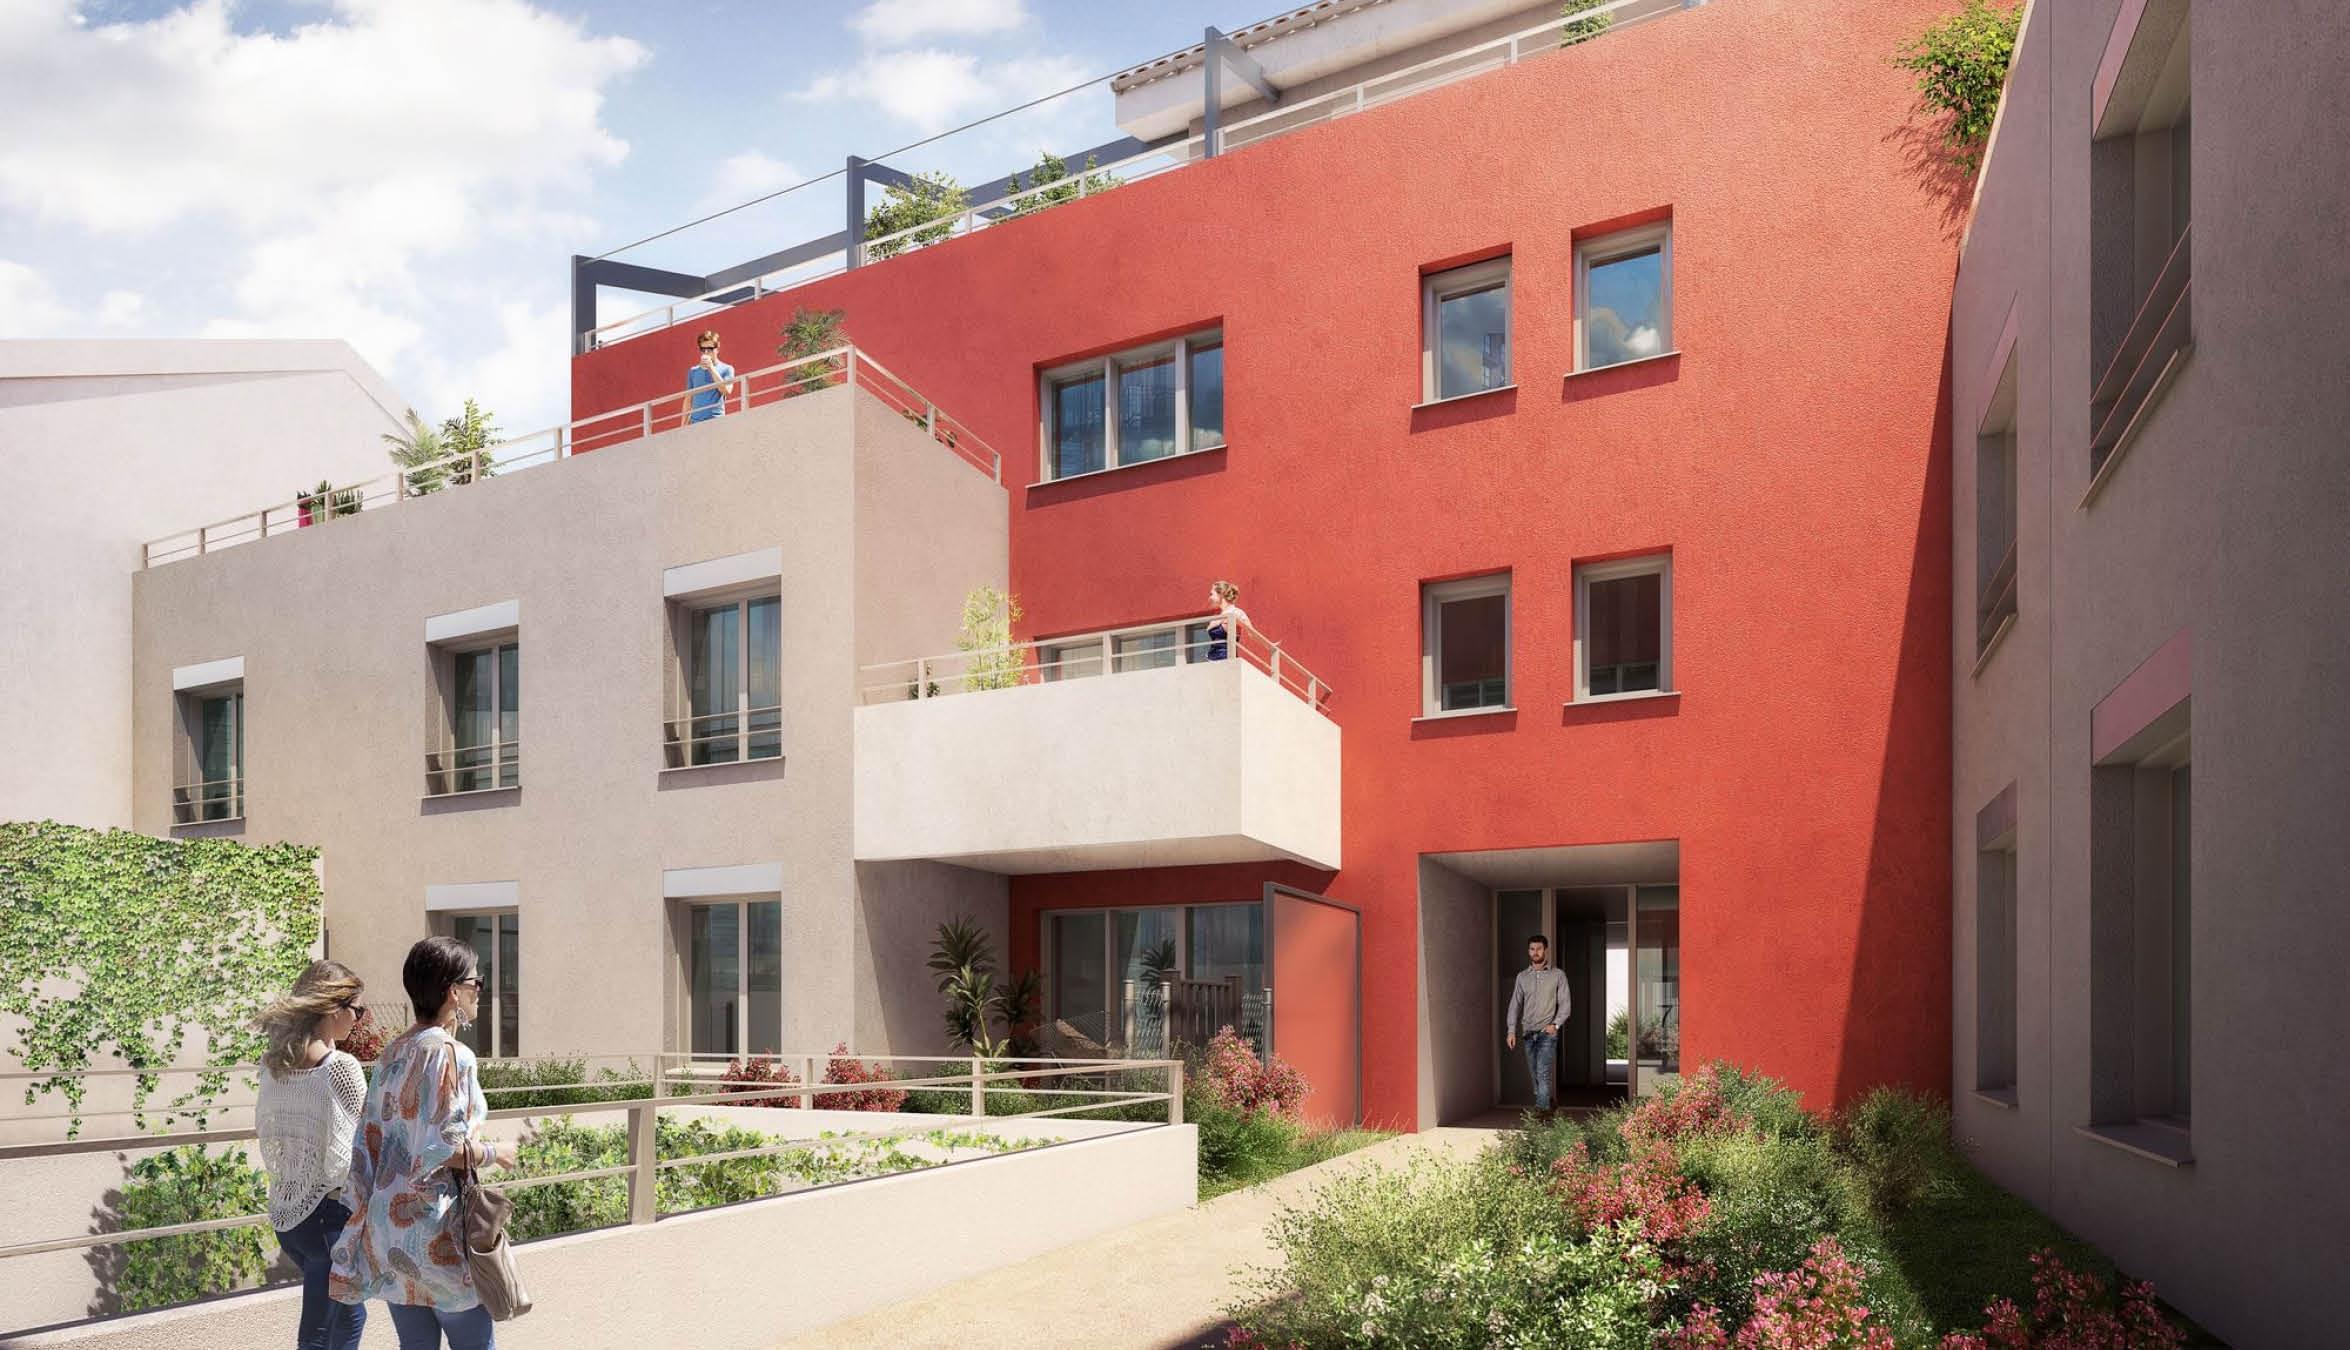 Trouver votre logement neuf villeurbanne eole une for Trouver logement neuf